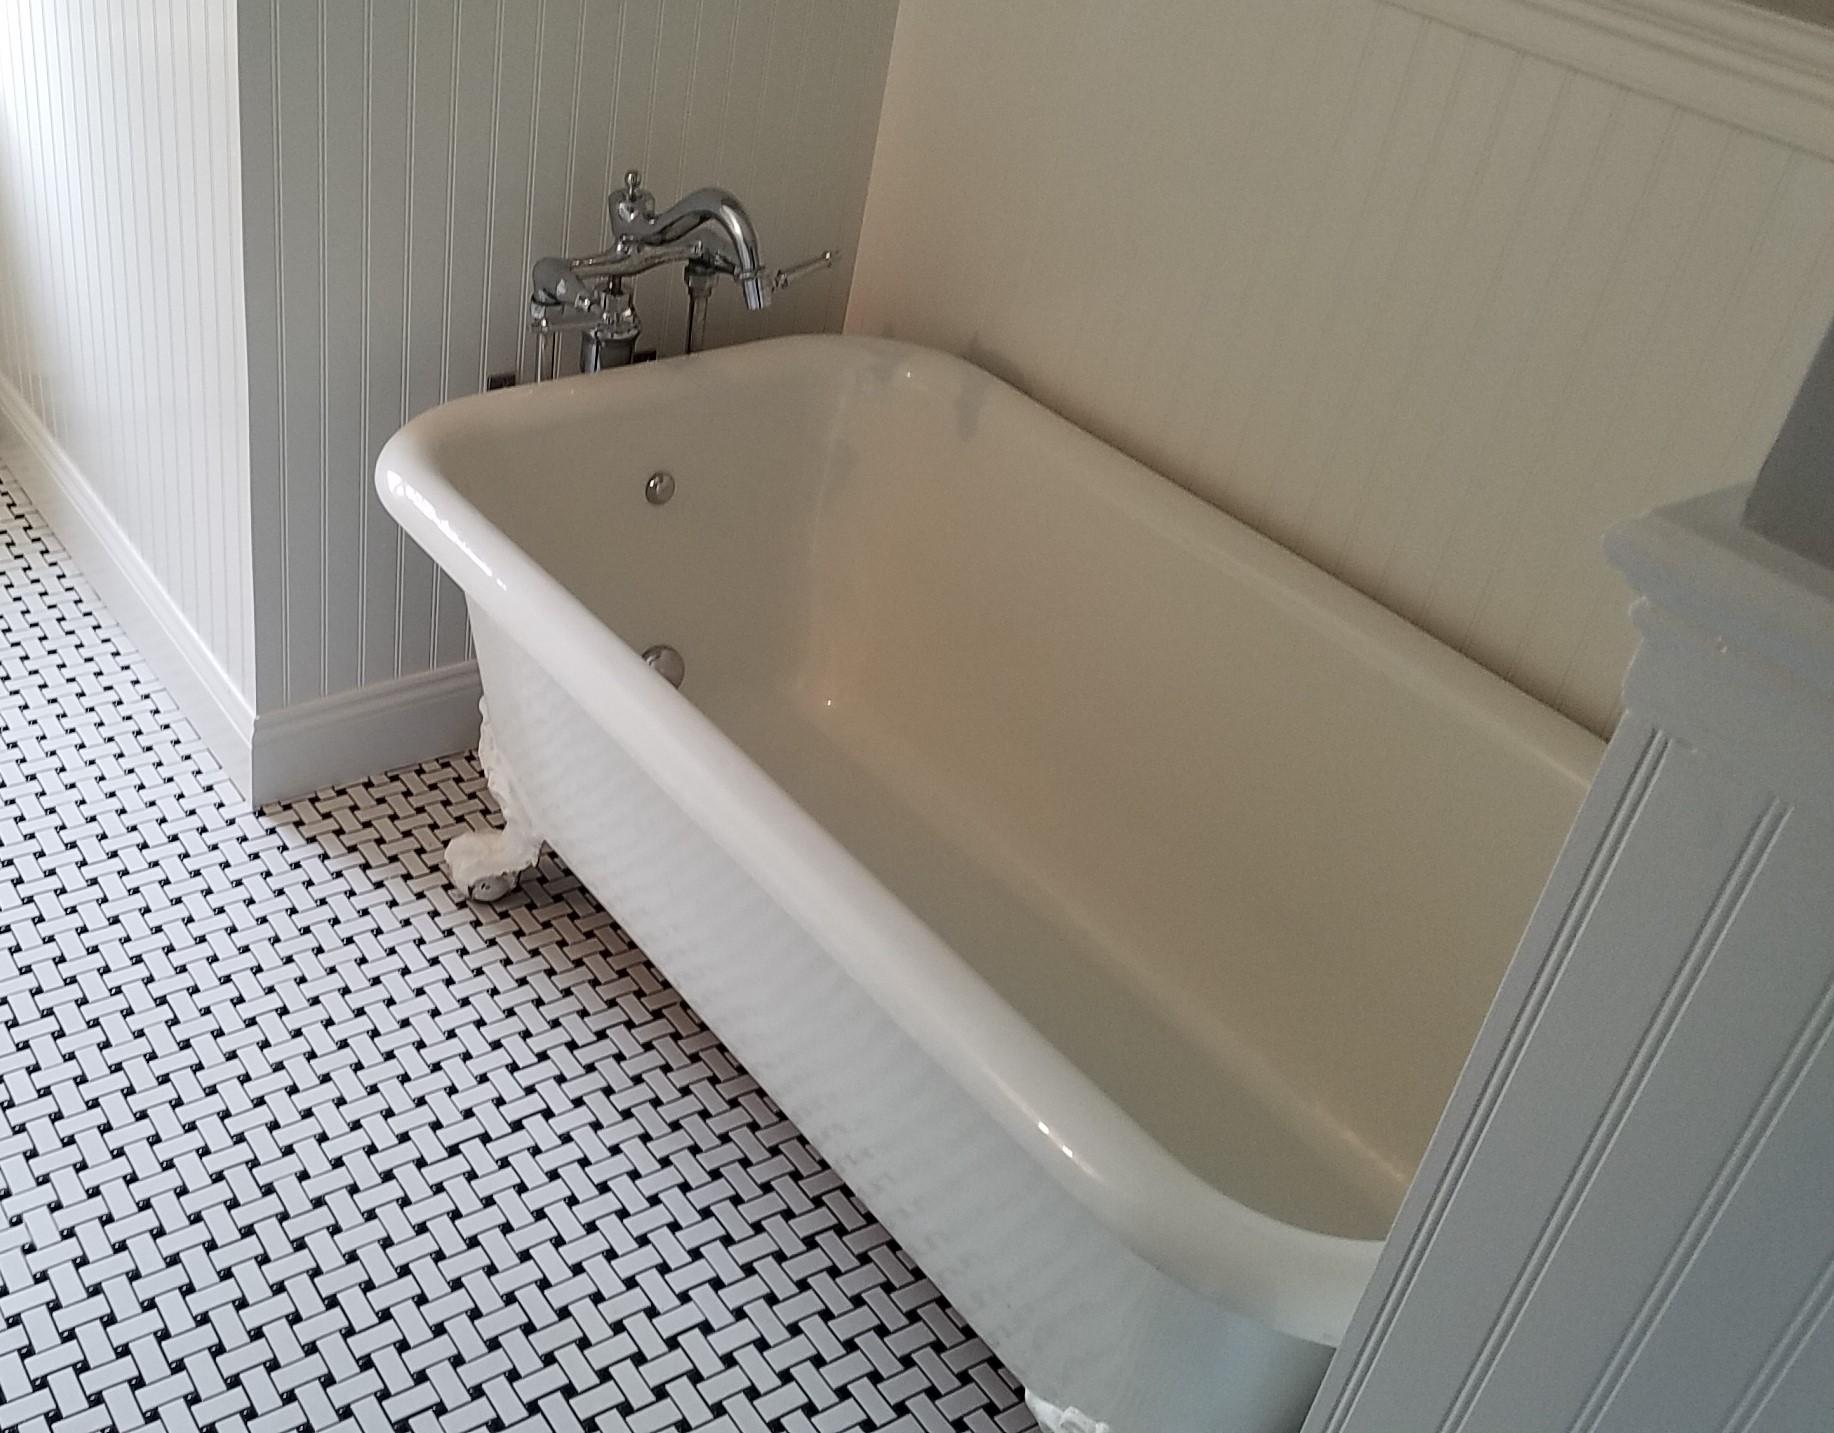 clawfoot tub.jpg